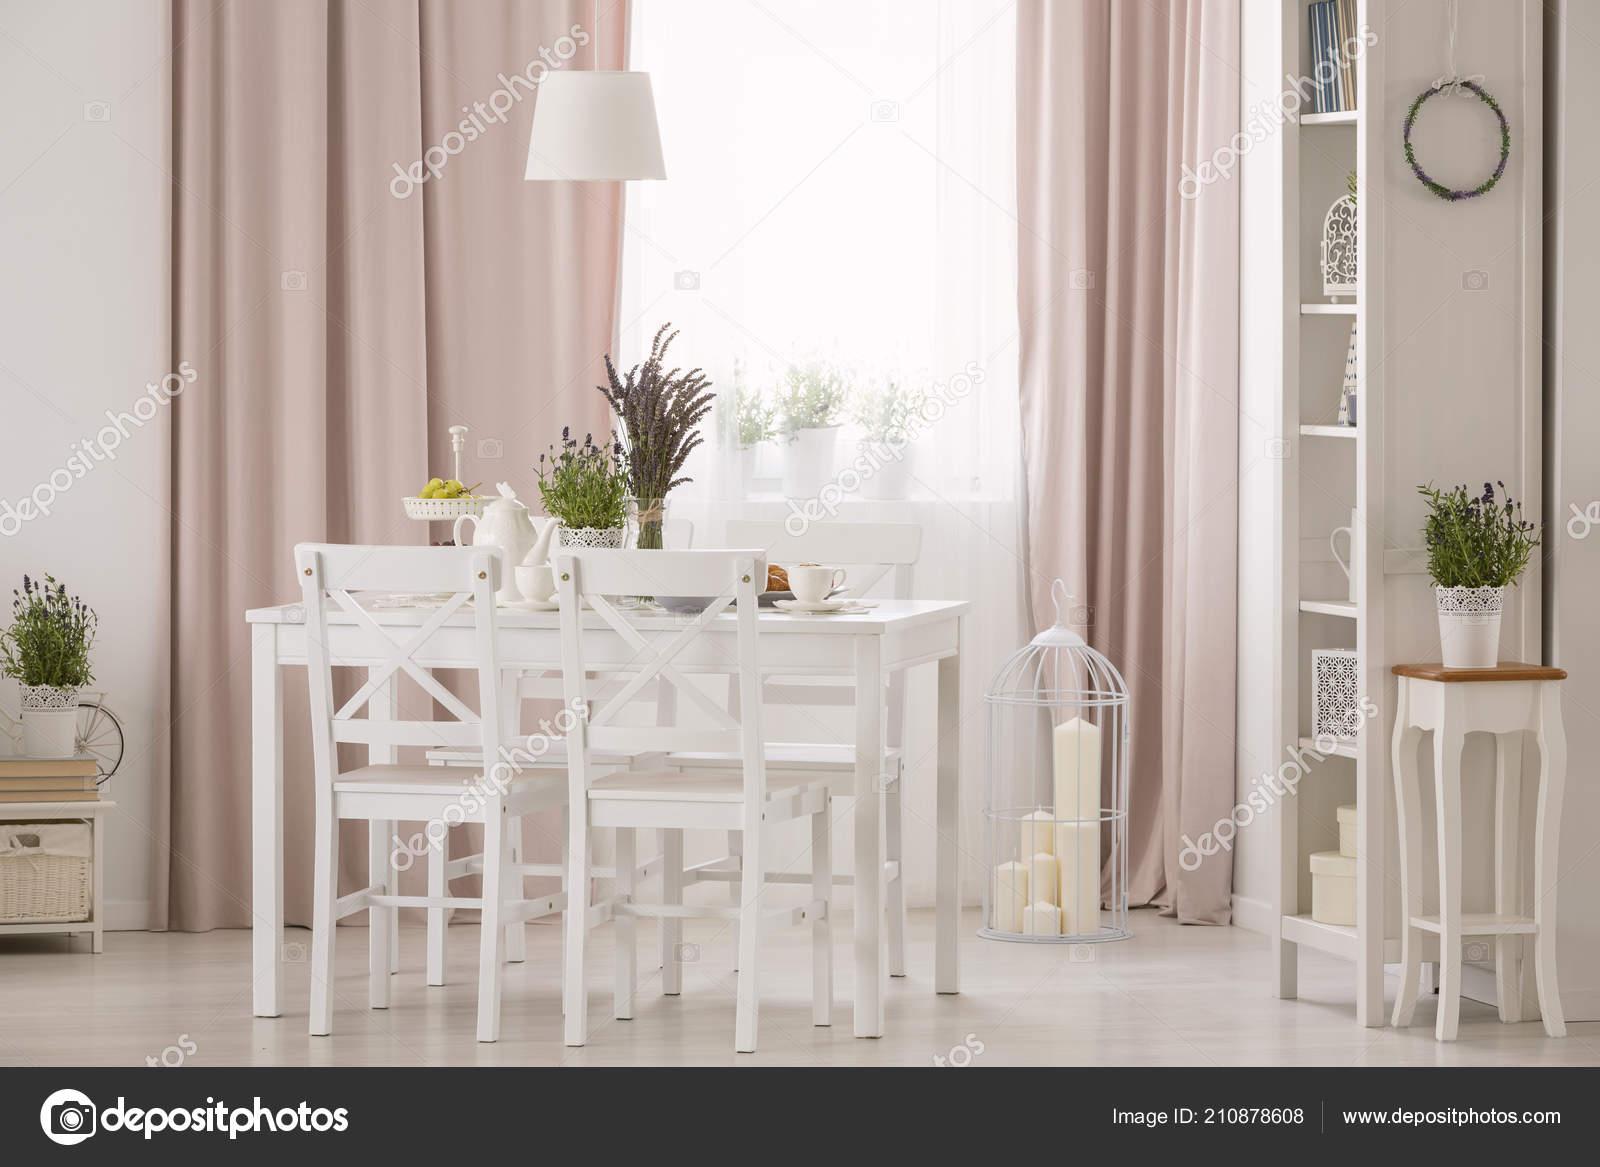 Lampe Dessus Des Chaises Table Blanc Interieur Rose Salle Manger